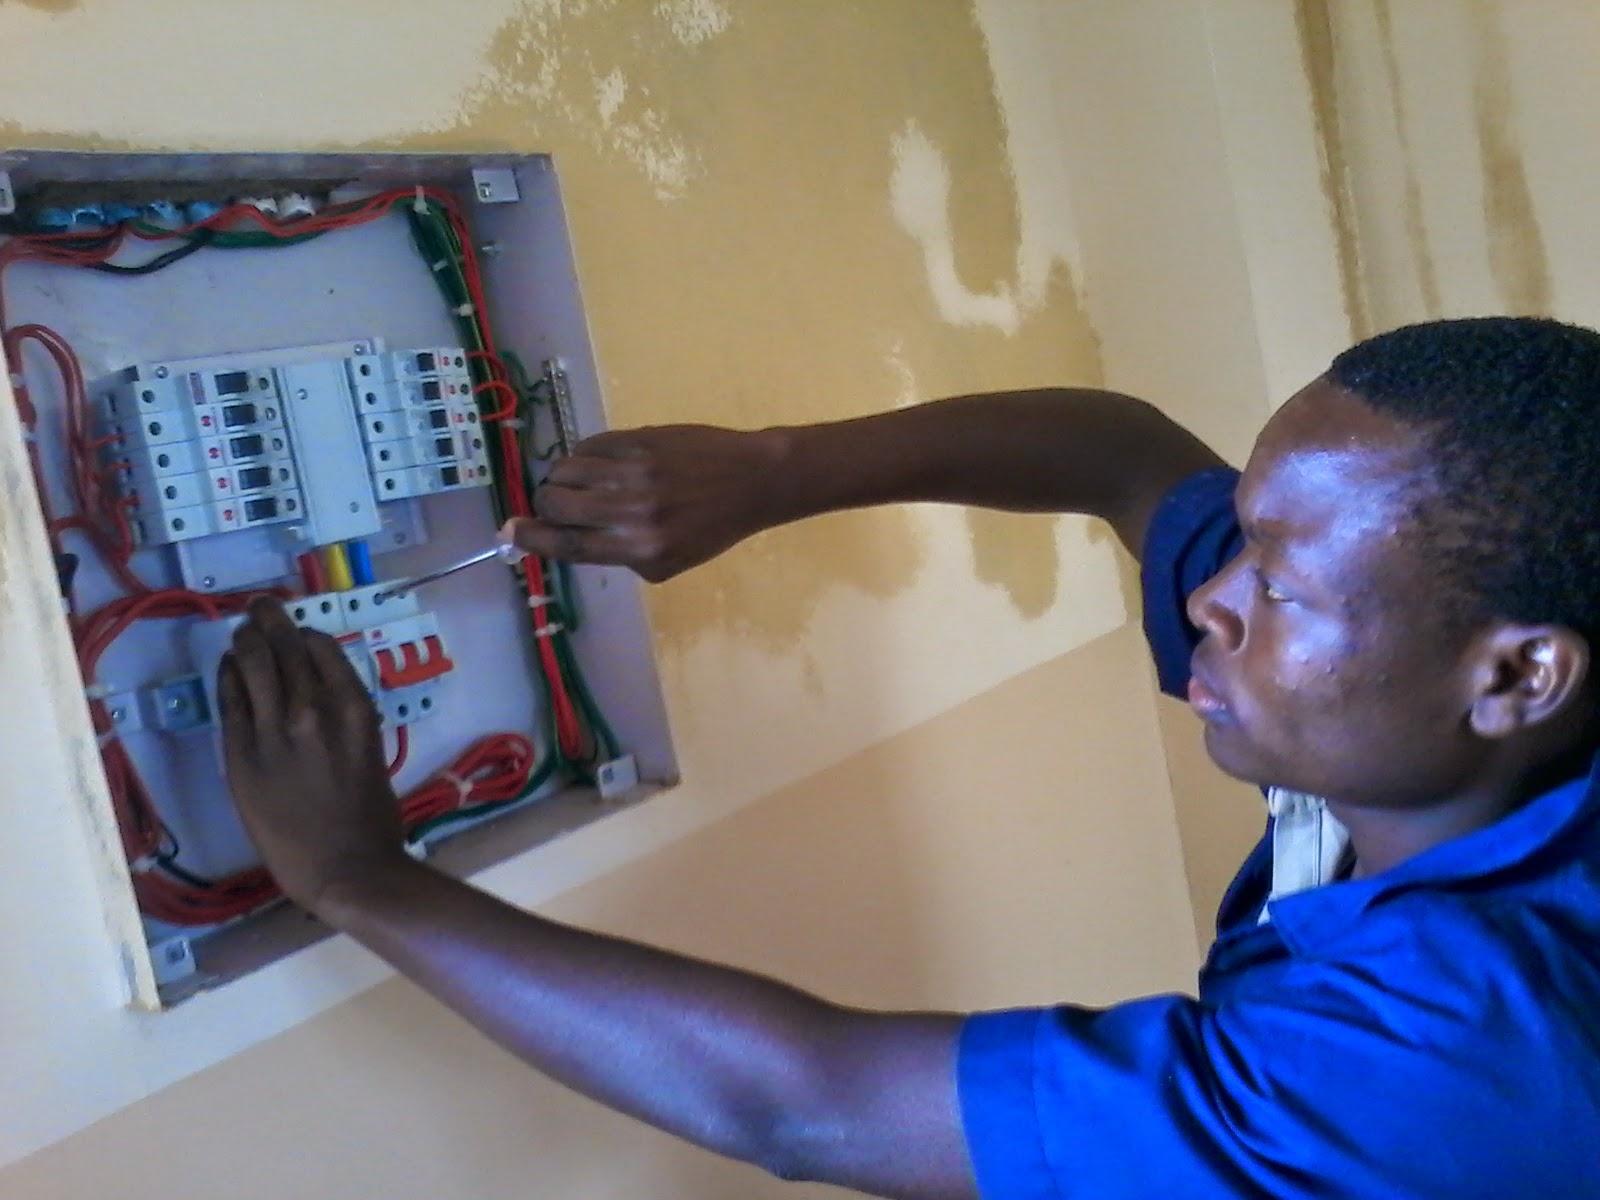 umeme majumbani light house house wiring calculator hii ni jenereta na sisis light house tunaweza kukufungia na ukapata umeme kama kawaida na bila ksumbuliwa na aina yeyote wa kelele zitokanazona jenereta